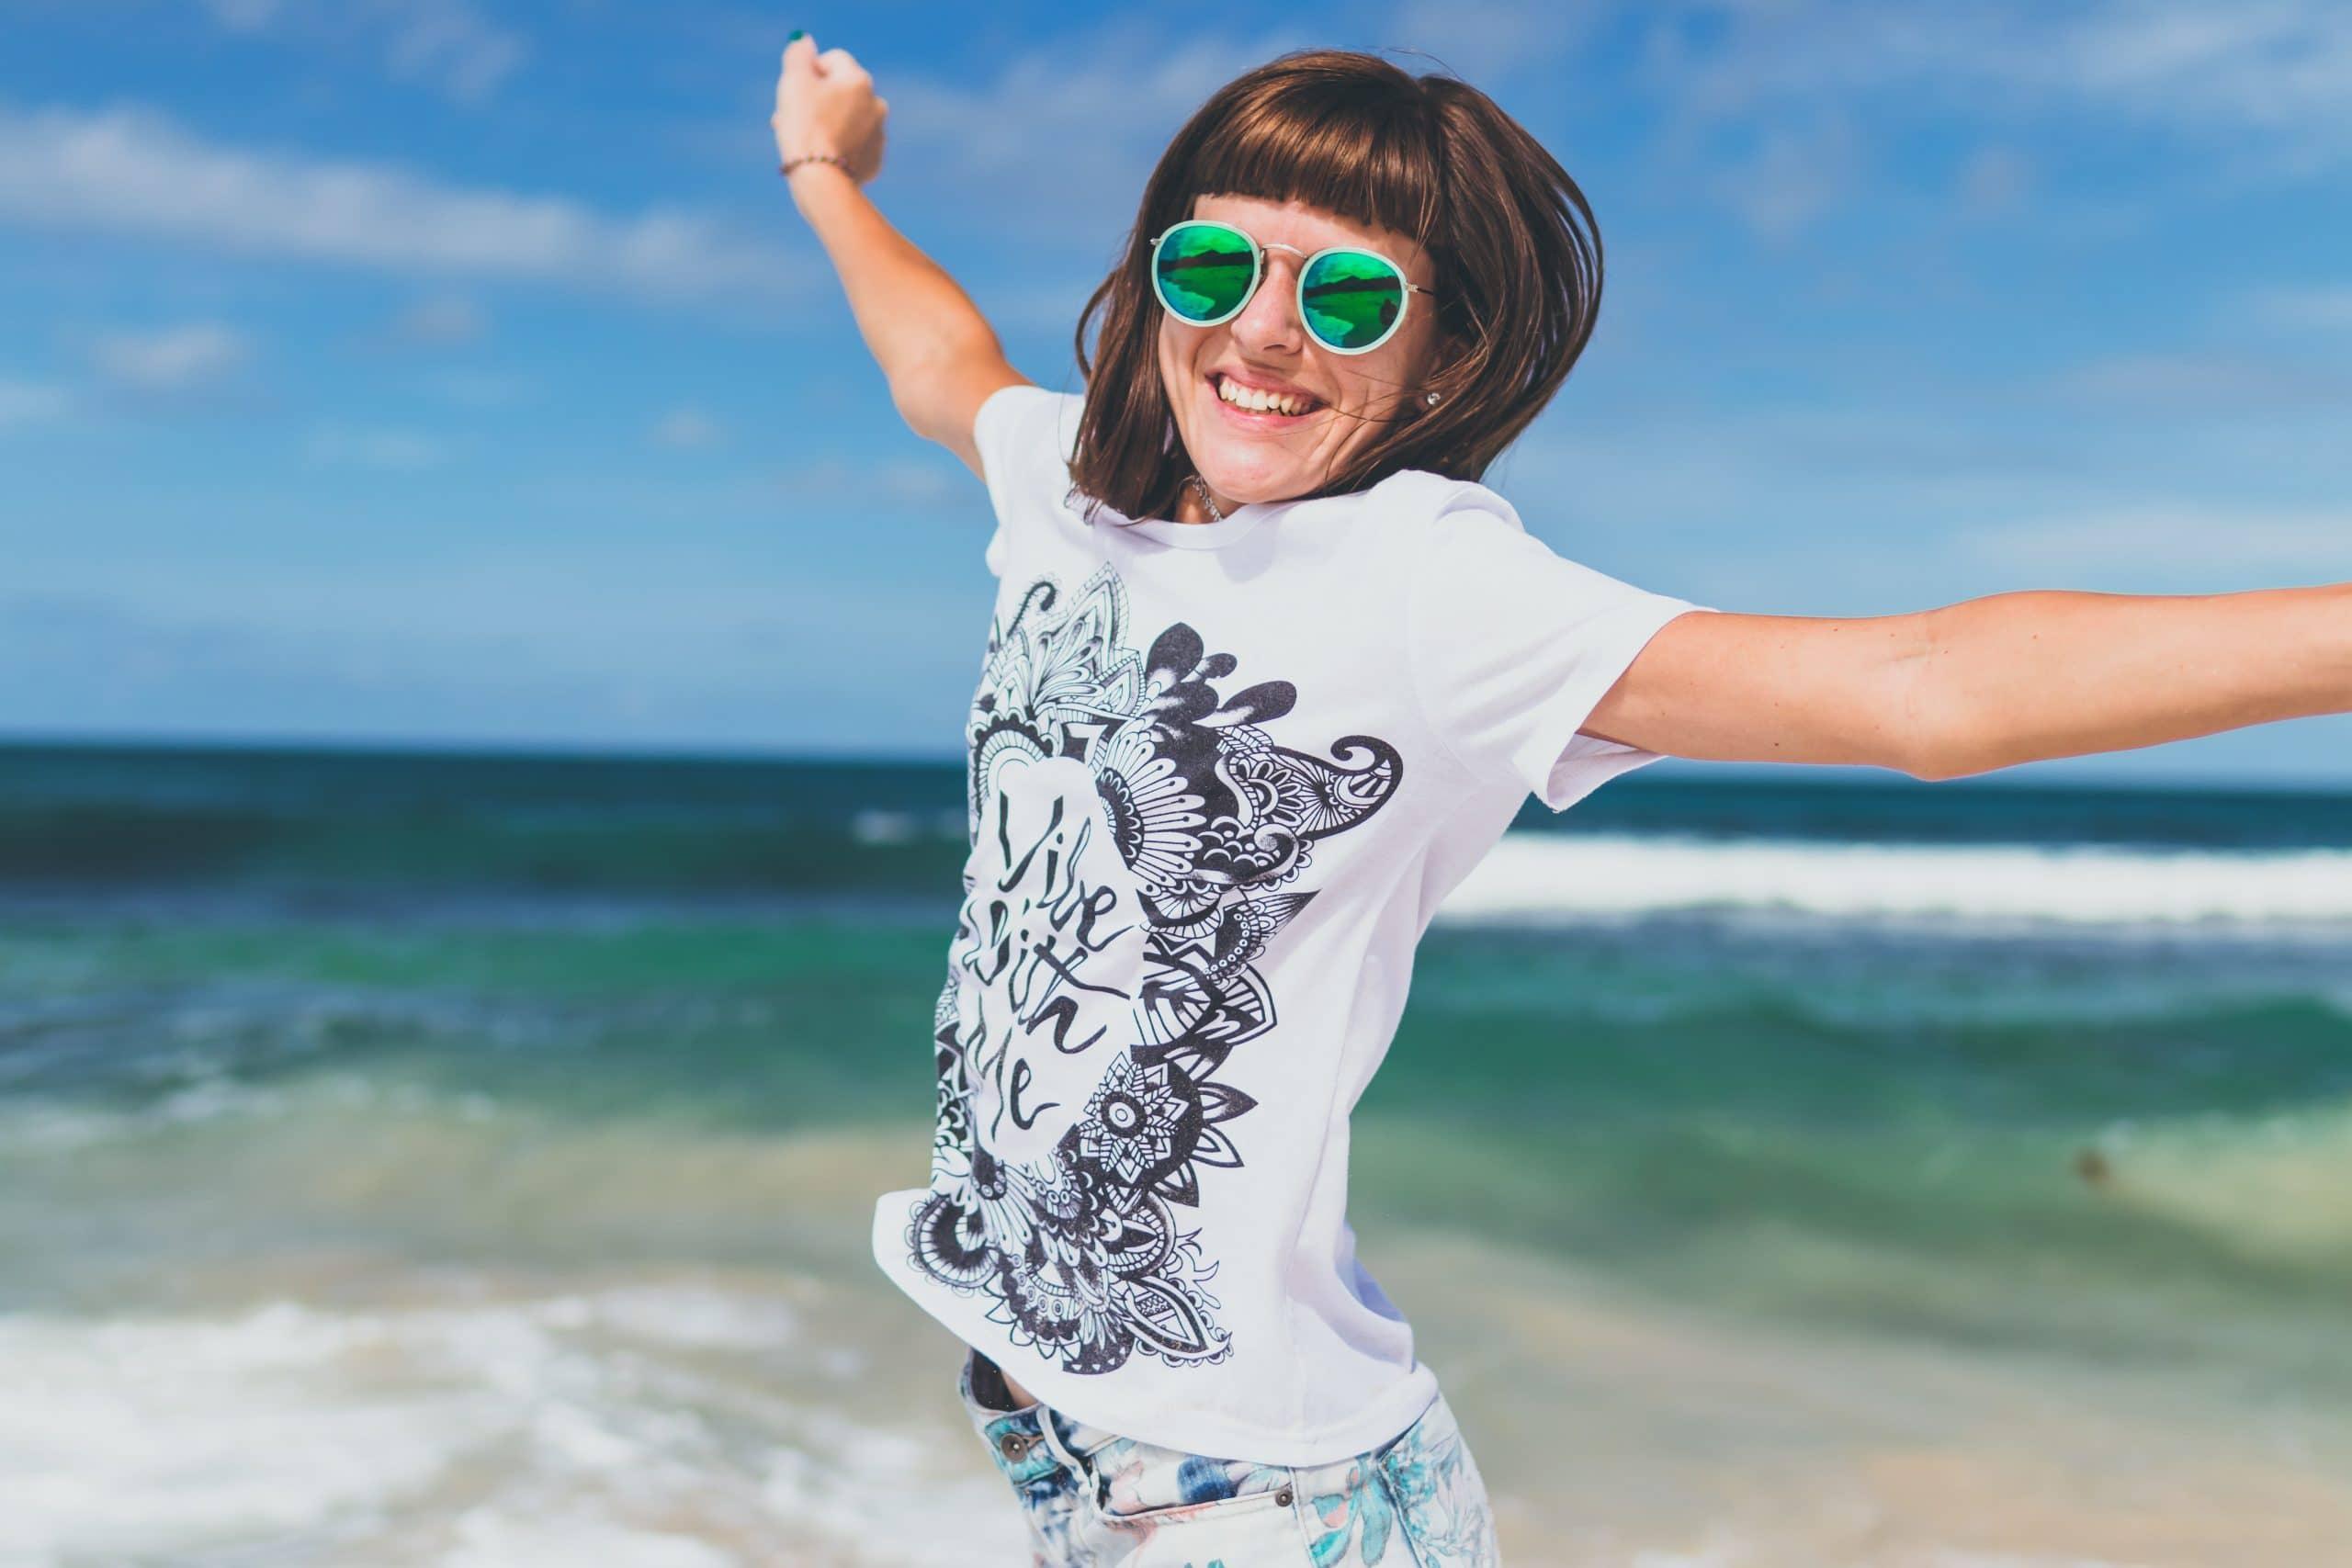 Mulher na praia sorrindo e pulando com óculos de sol